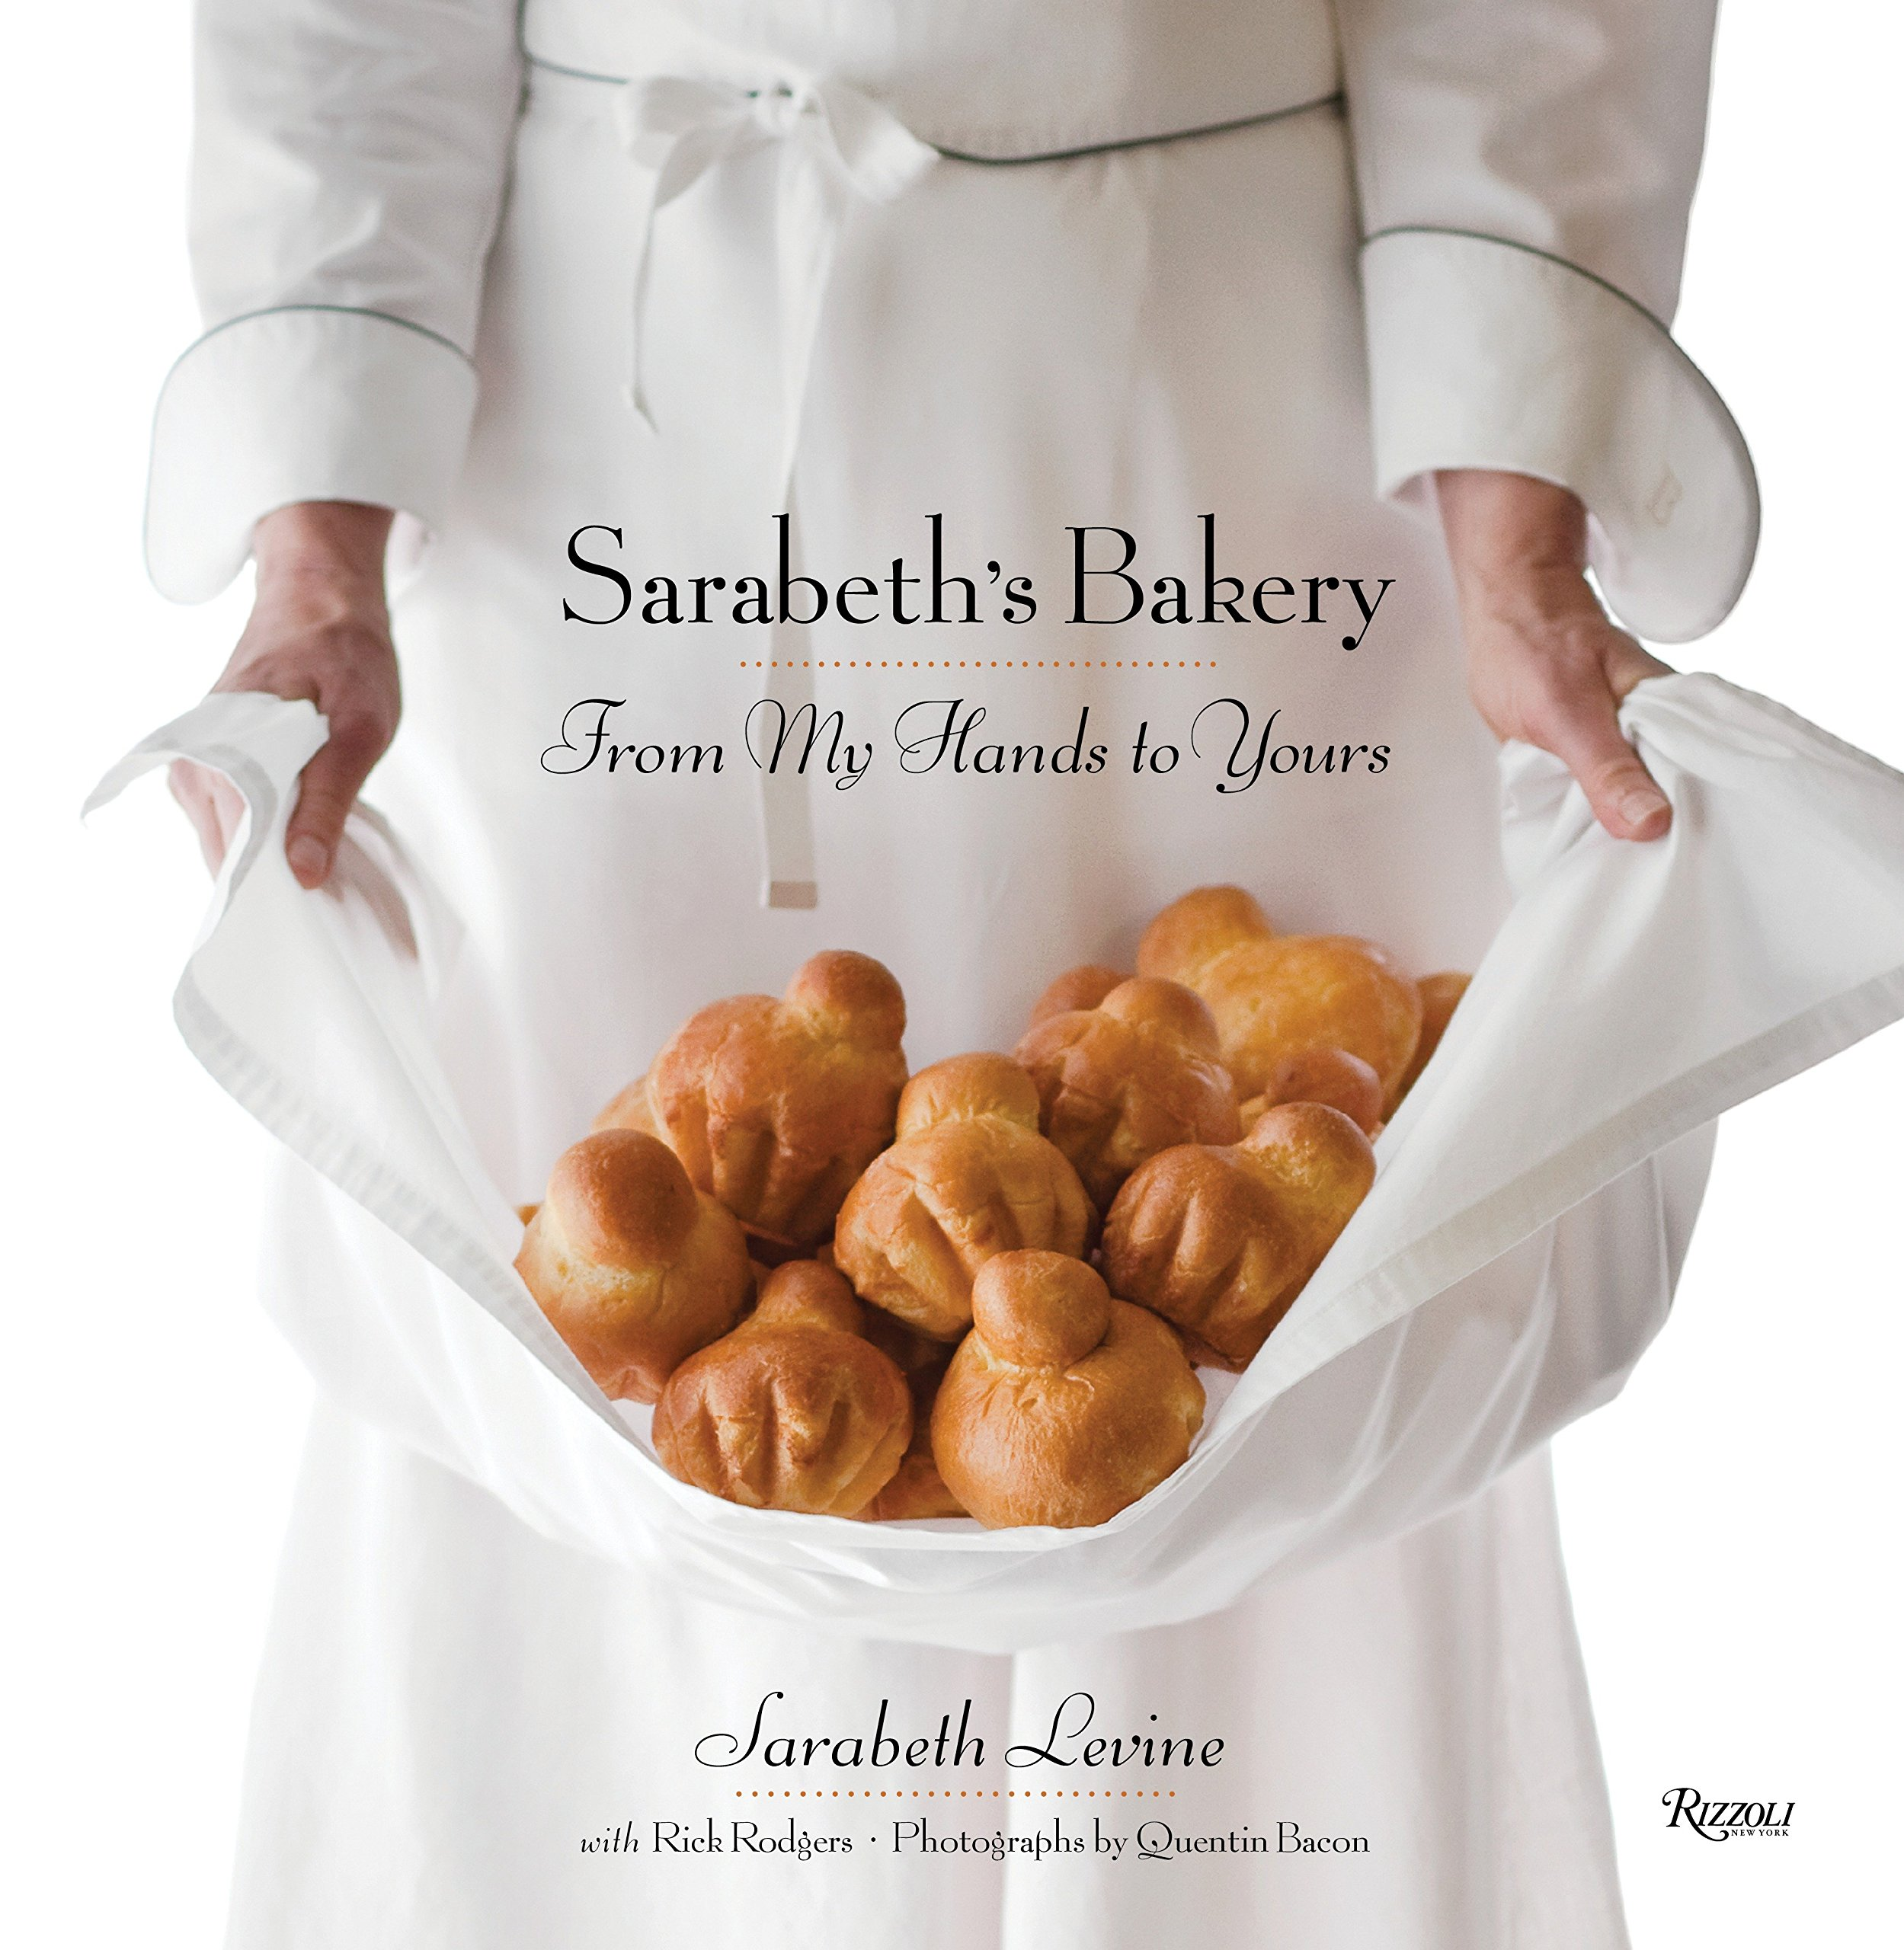 Sarabeth-Levine_book.jpg